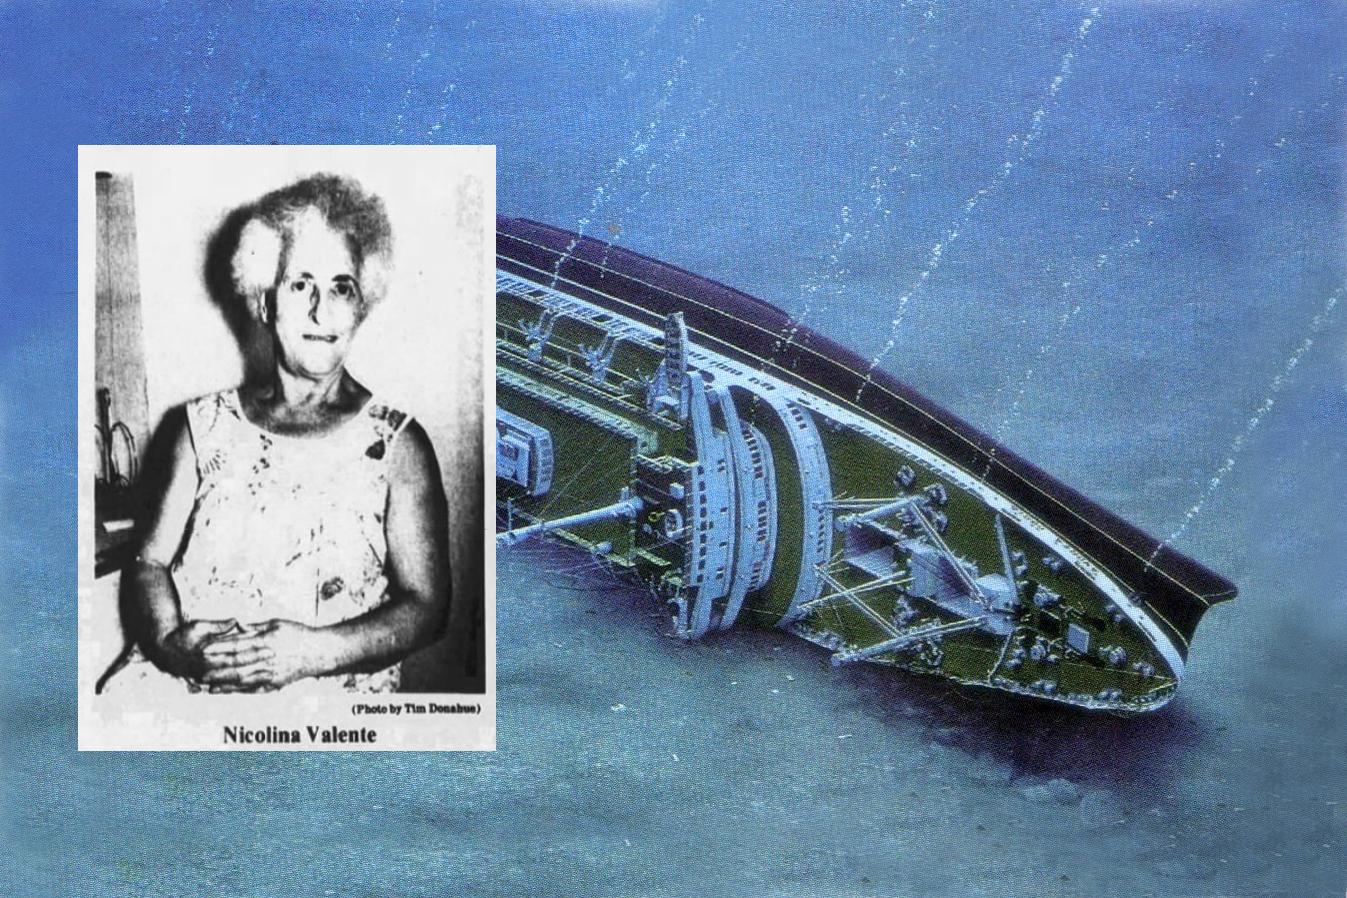 Il naufragio dell'Andrea Doria nei ricordi di Nicolina.